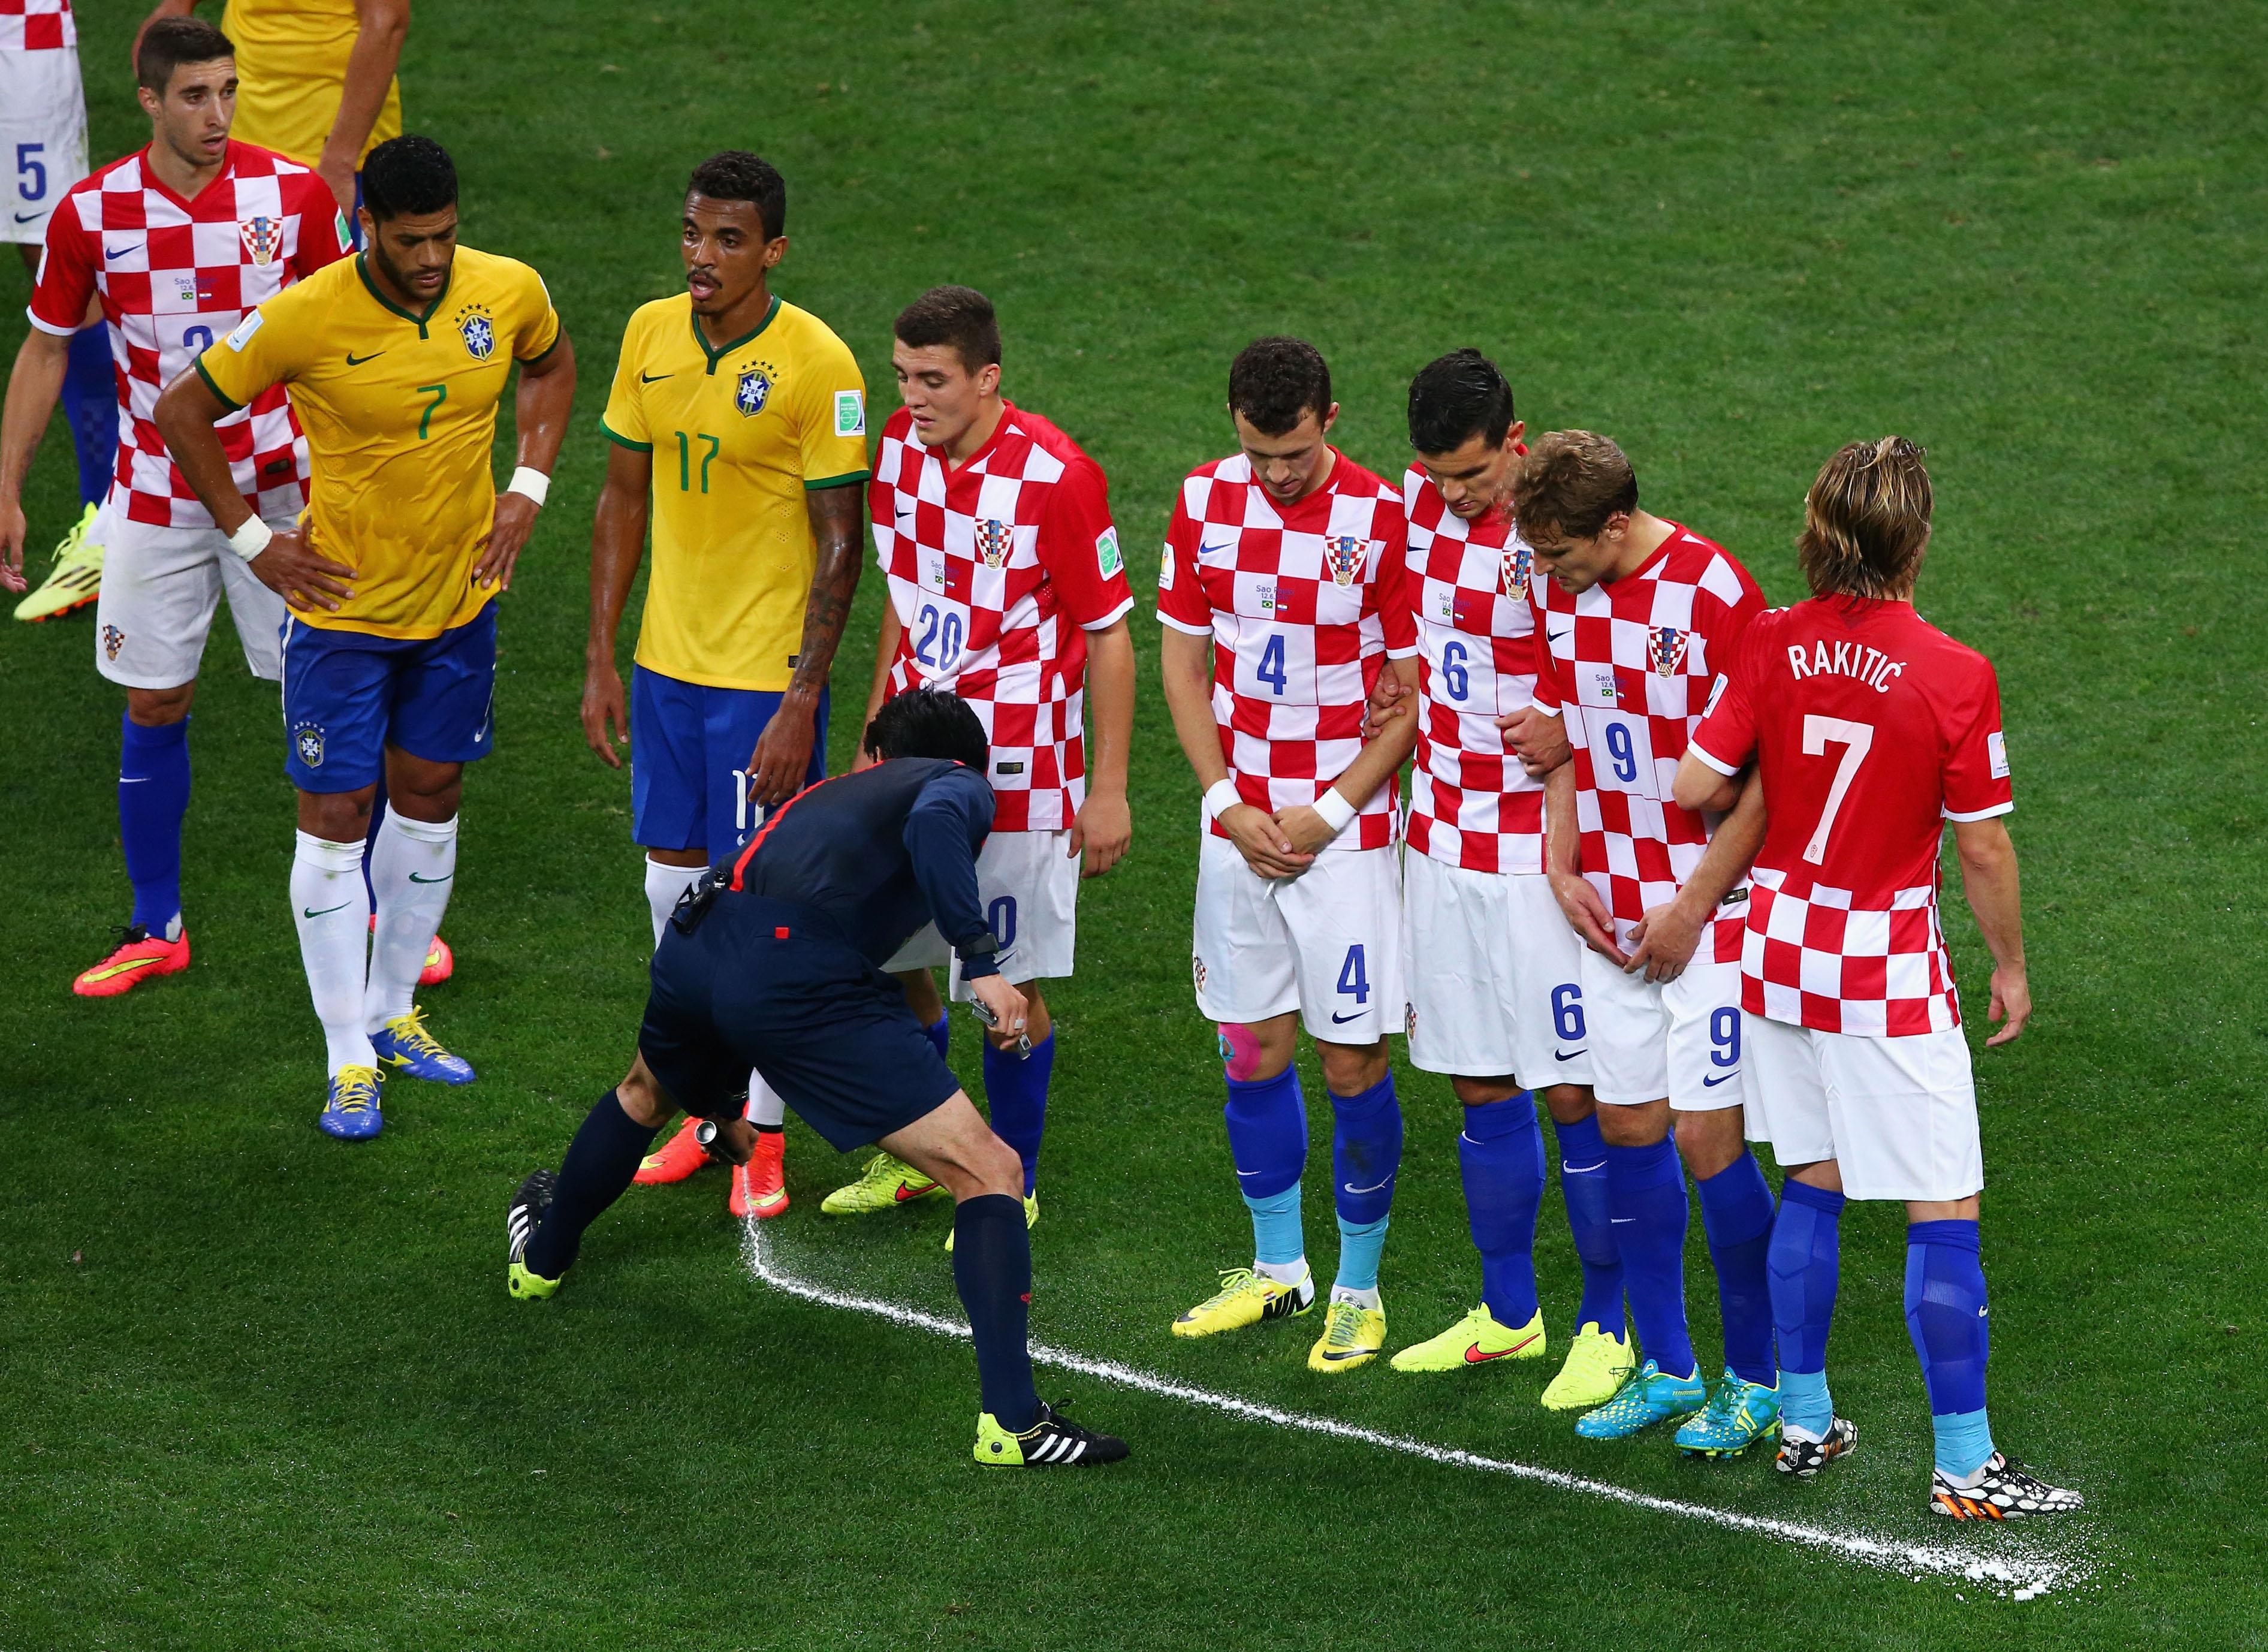 Бразилія - Хорватія 3:1. Автогол, суддя, Бразилія - изображение 5